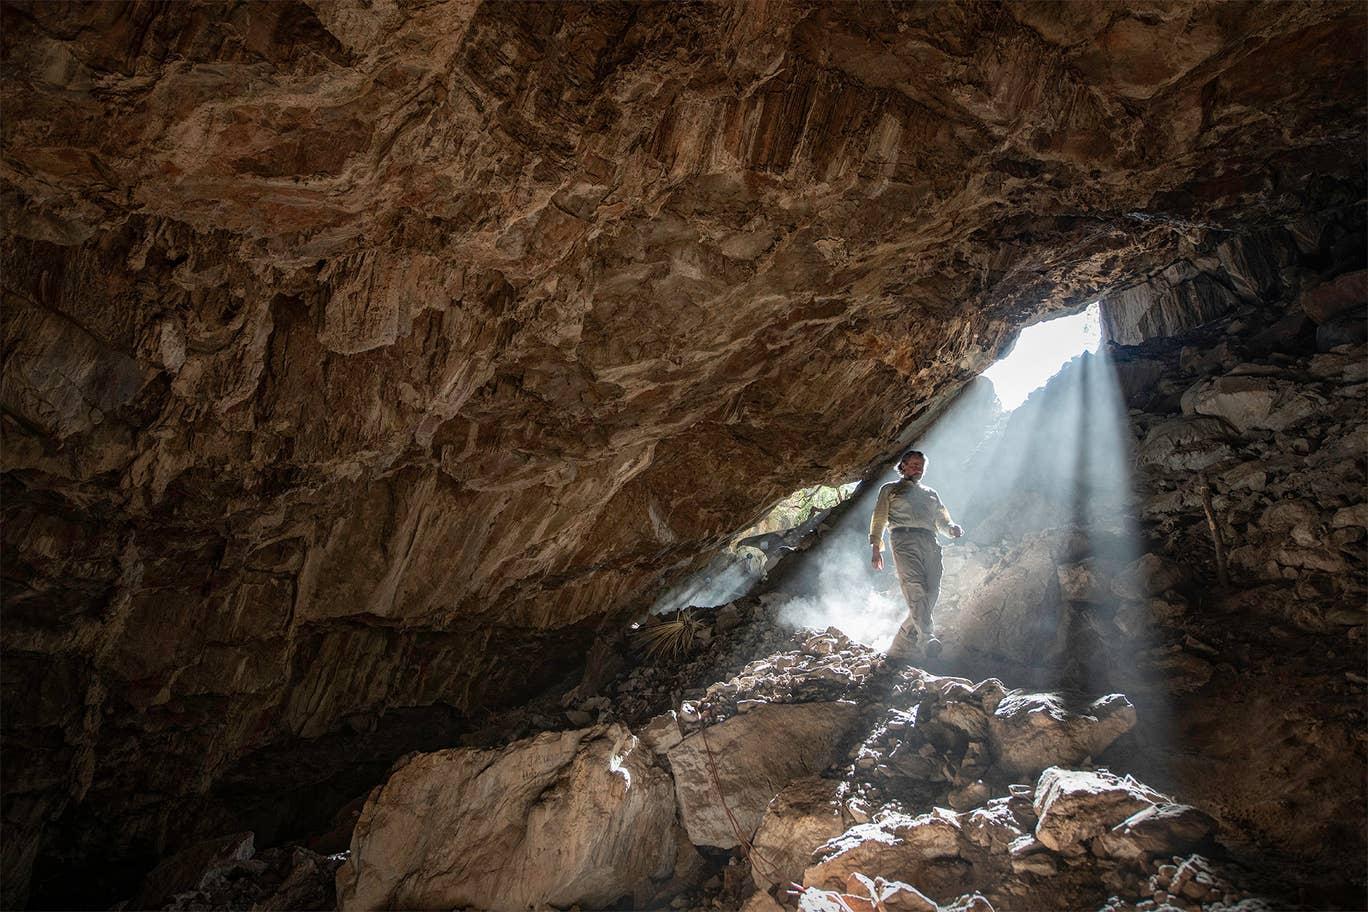 إثارة علمية كبيرة ترافق المكتشفات الآثارية الجديدة في كهف ناءٍ بولاية زاكاتيكاس المكسيكية